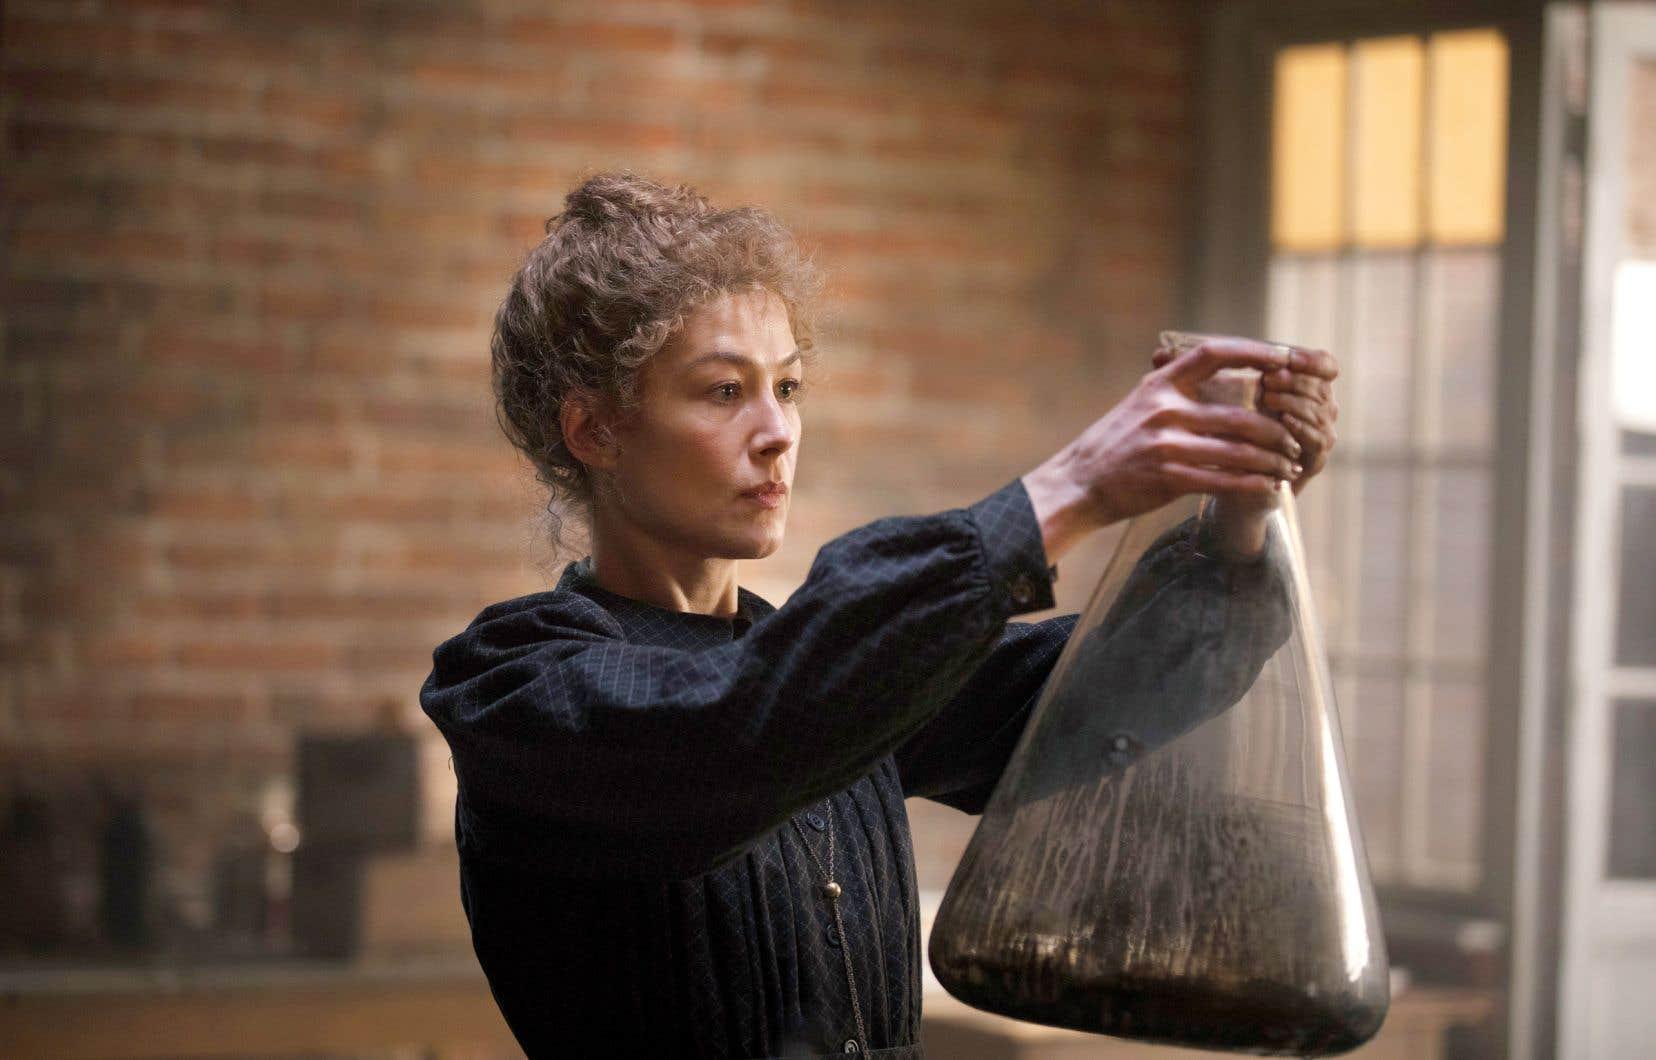 Dans «Radioactive», Rosamund Pike, une interprète de premier plan, incarne Marie Curie, dirigée par Marjane Satrapi.